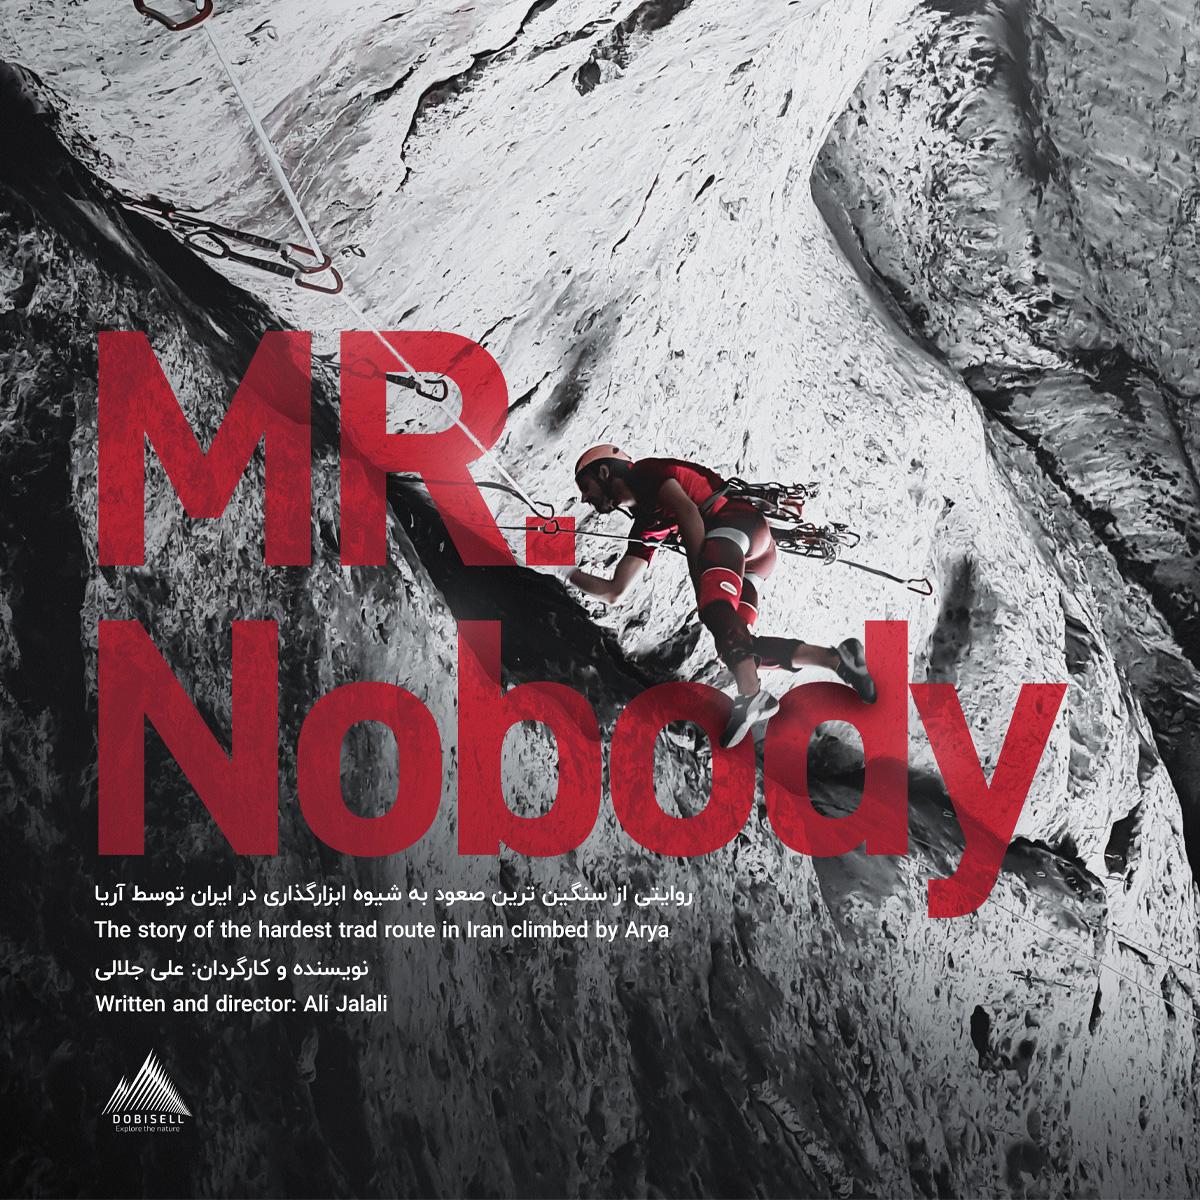 nobody - فروشگاه لوازم کوهنوردی و طبیعت گردی